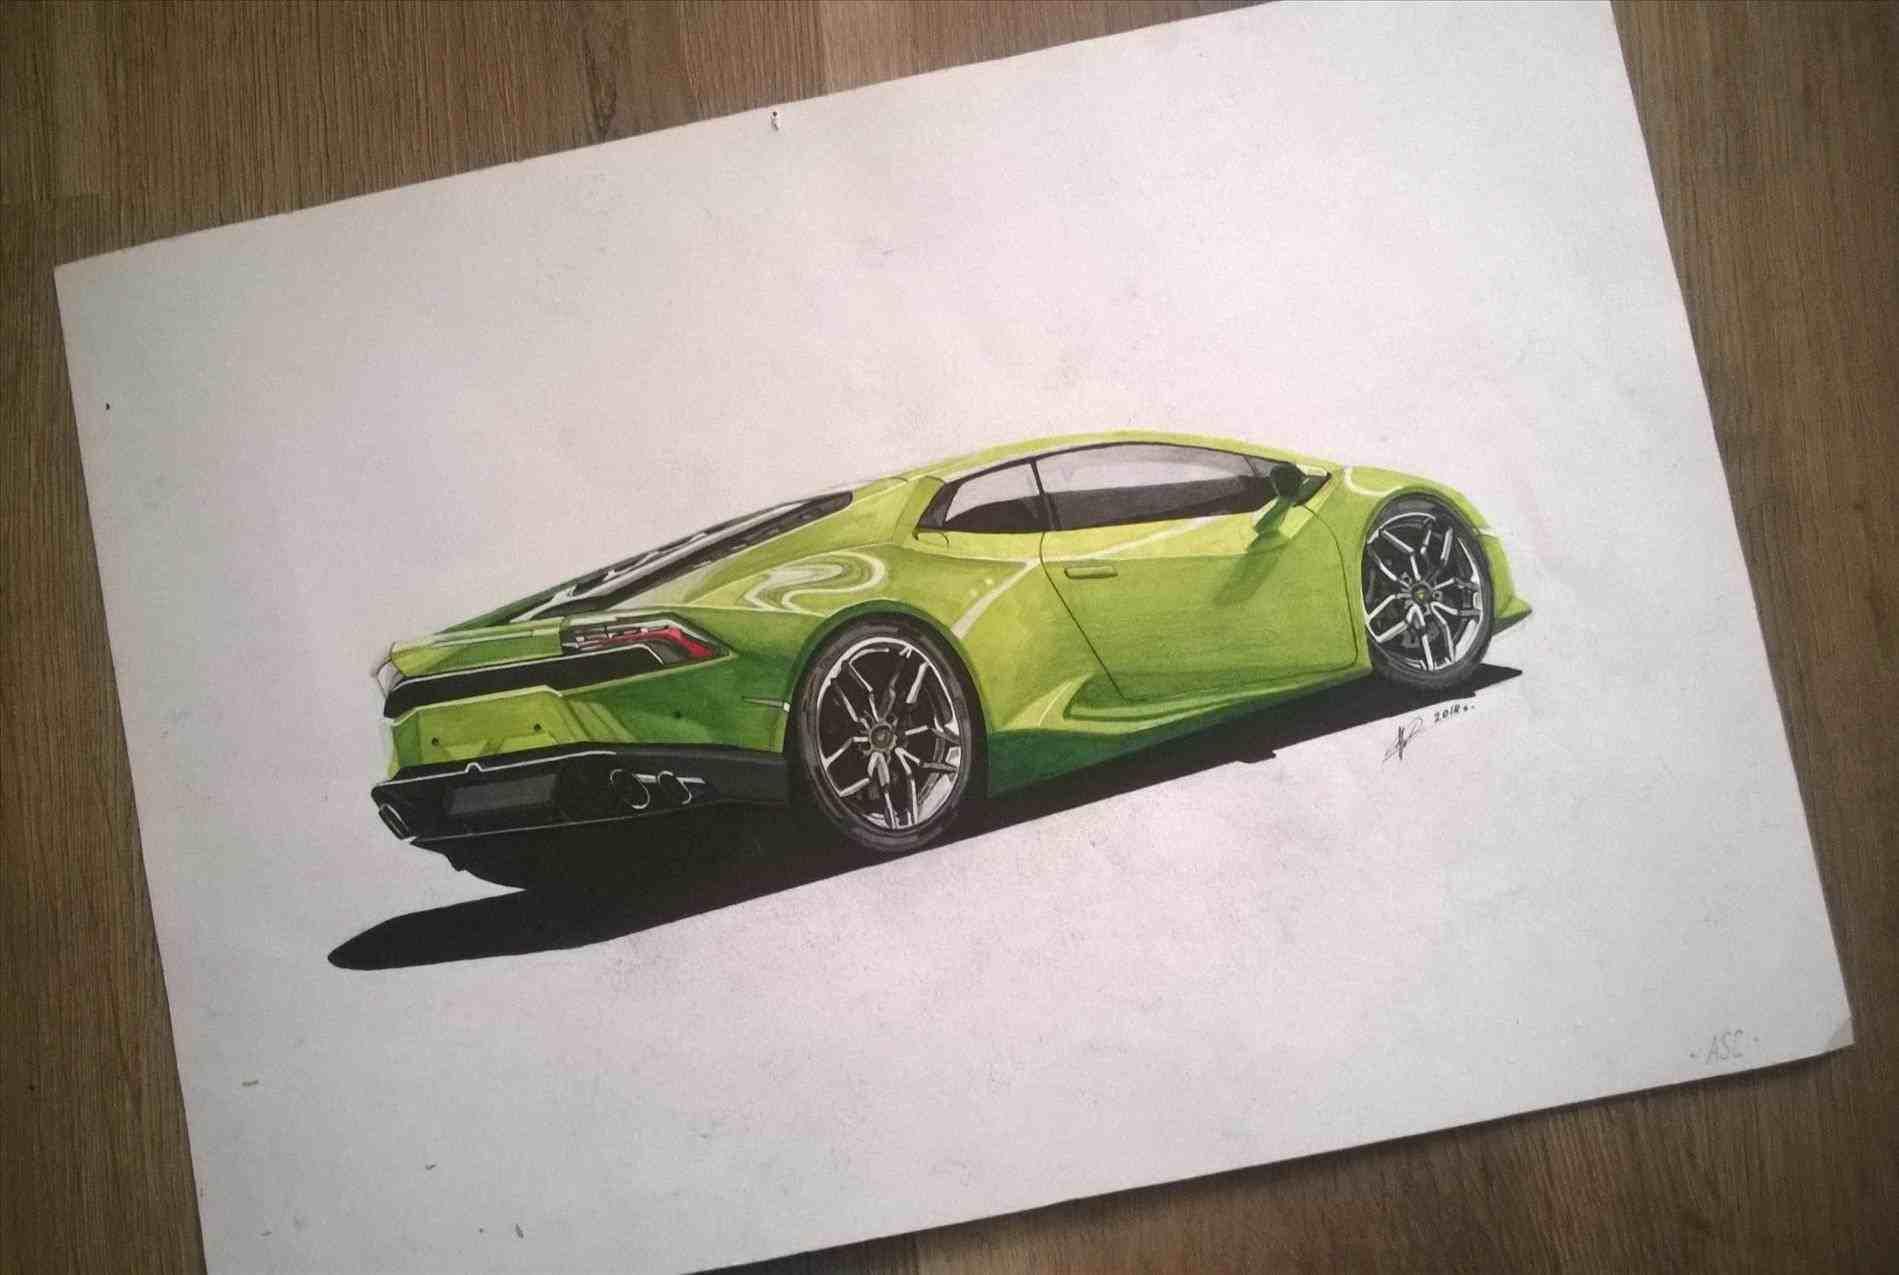 1899x1275 Drawings Lamborghini Lamborghini Aventador S Drawing Youtube